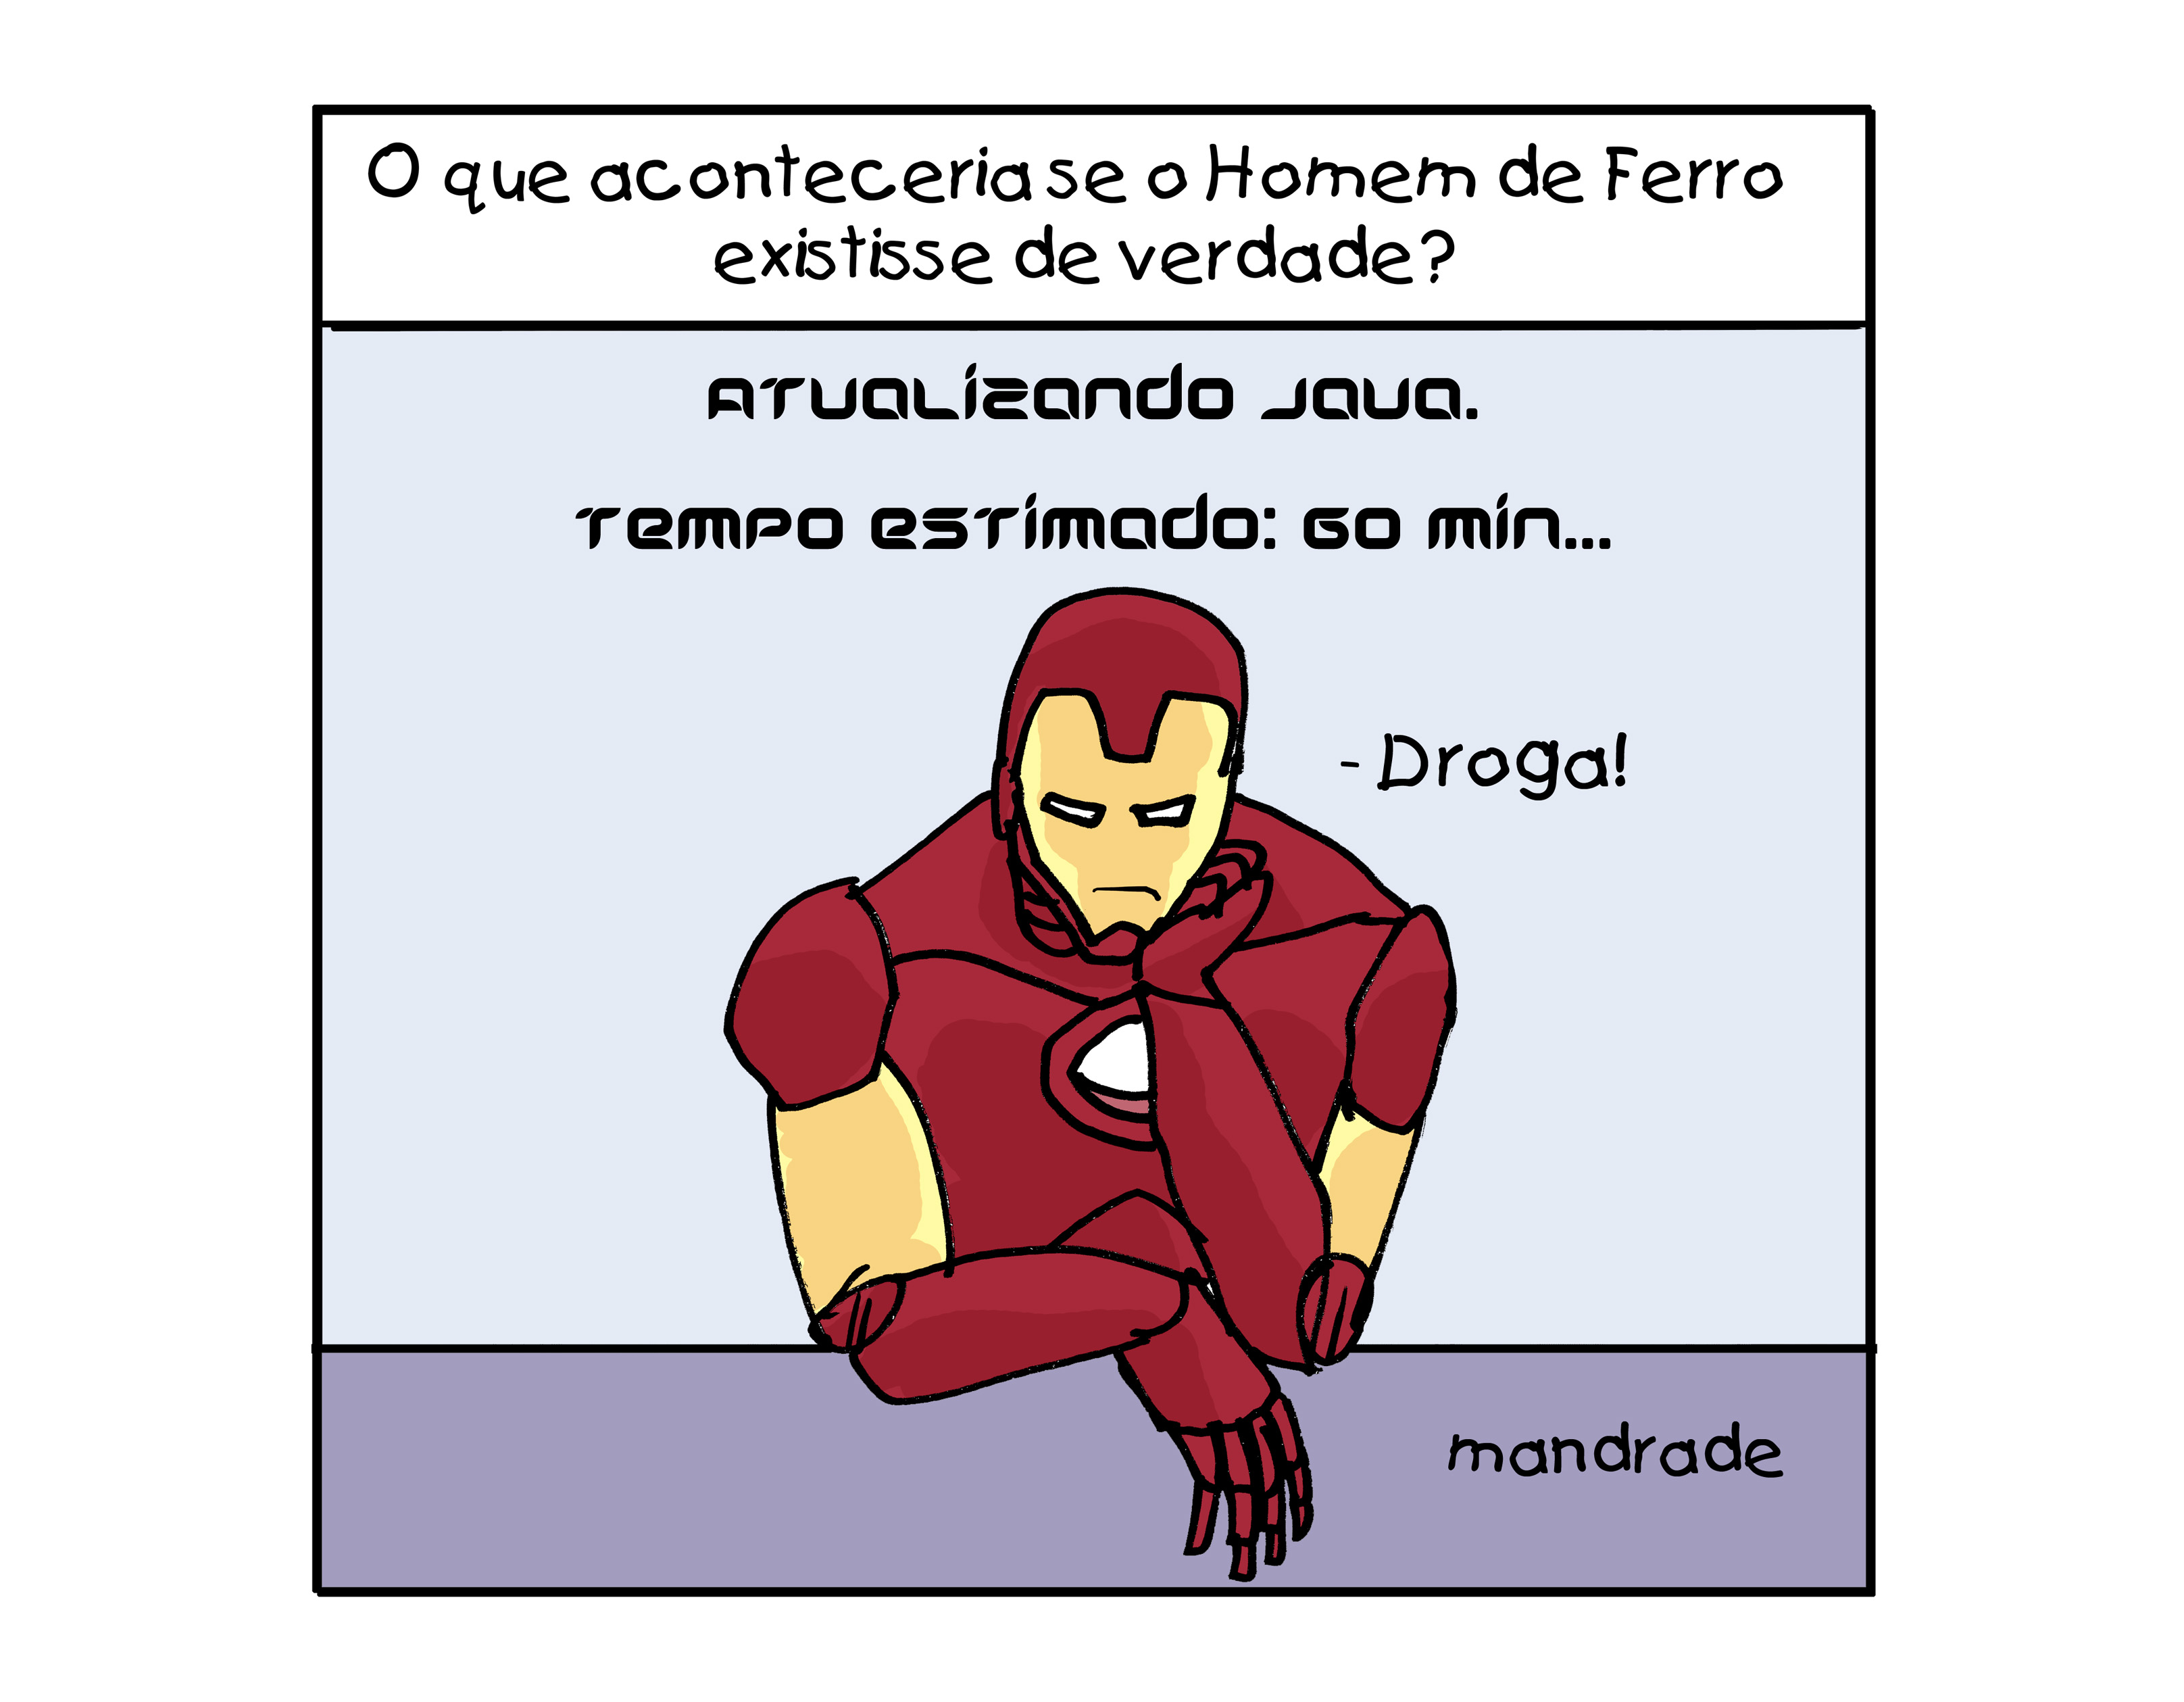 O que aconteceria se o Homem de Ferro existisse de verdade?